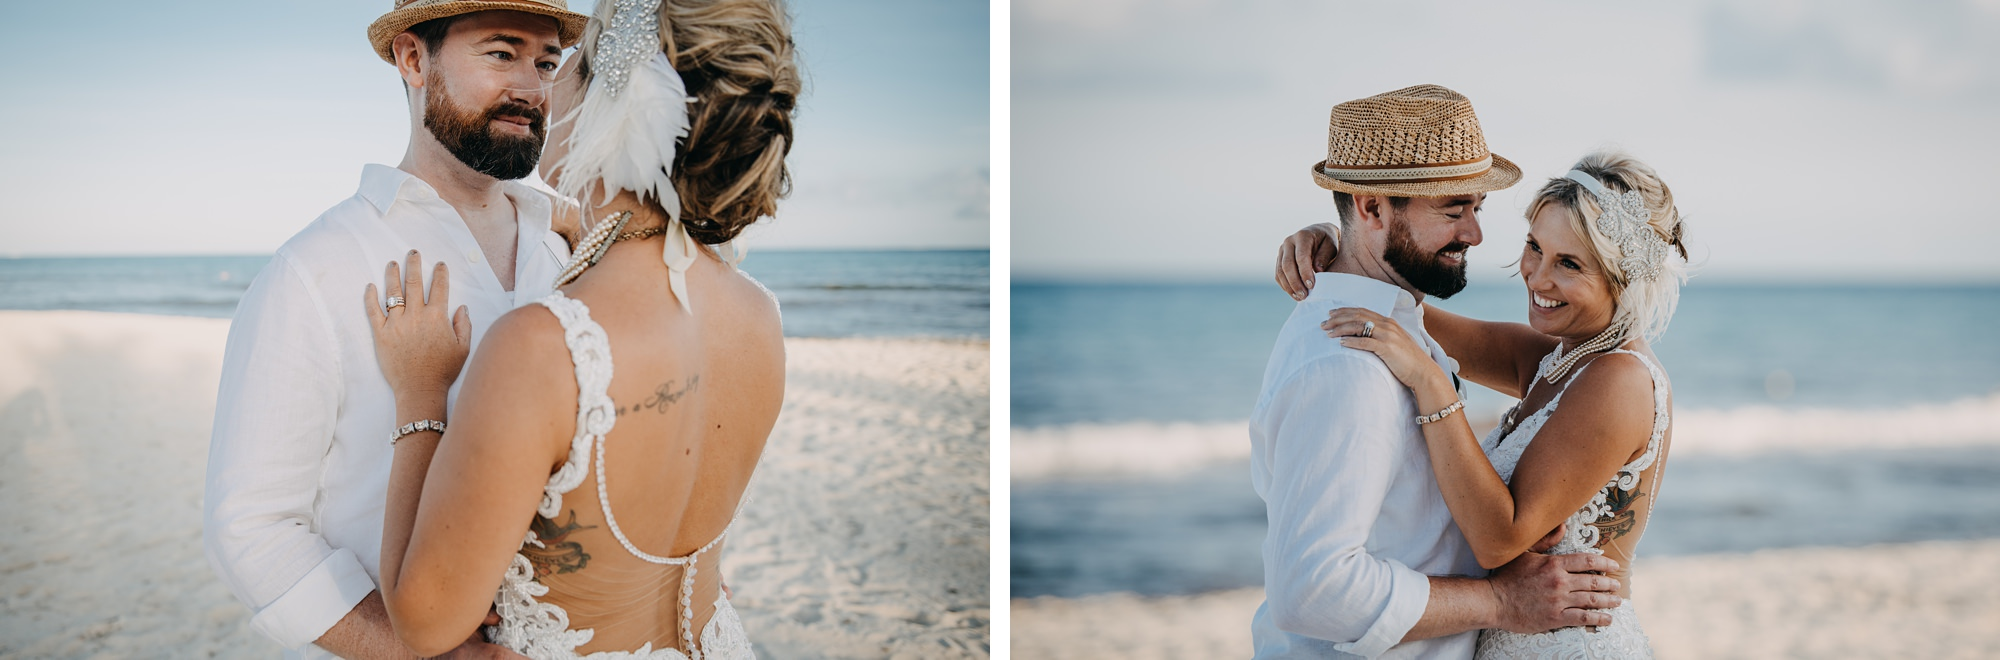 bride and groom laughing on beach at sunset at Riu Palace Riviera Maya resort